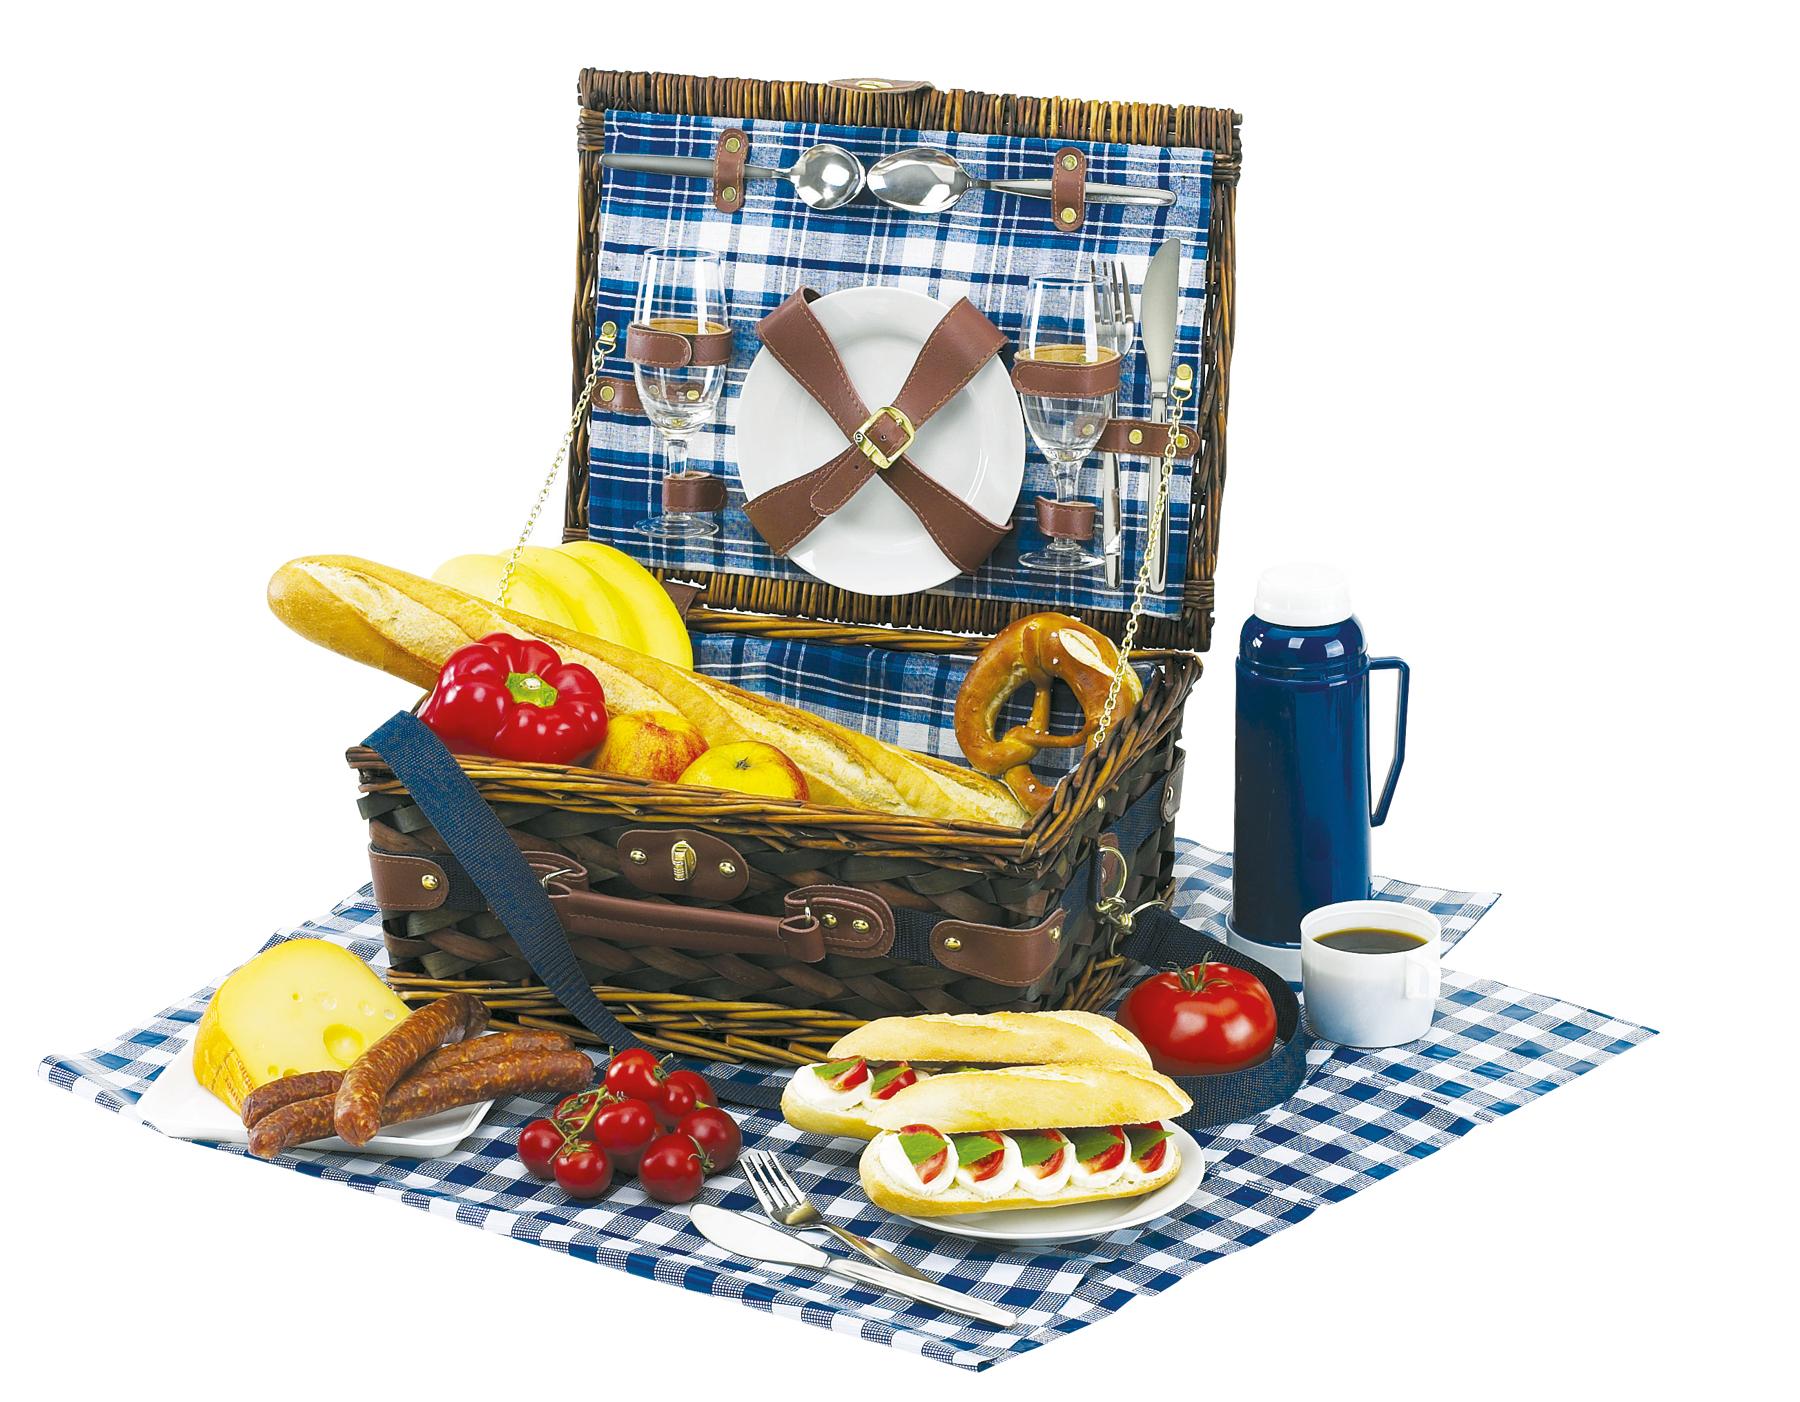 Kosz piknikowy CENTRAL PARK, biały, niebieski